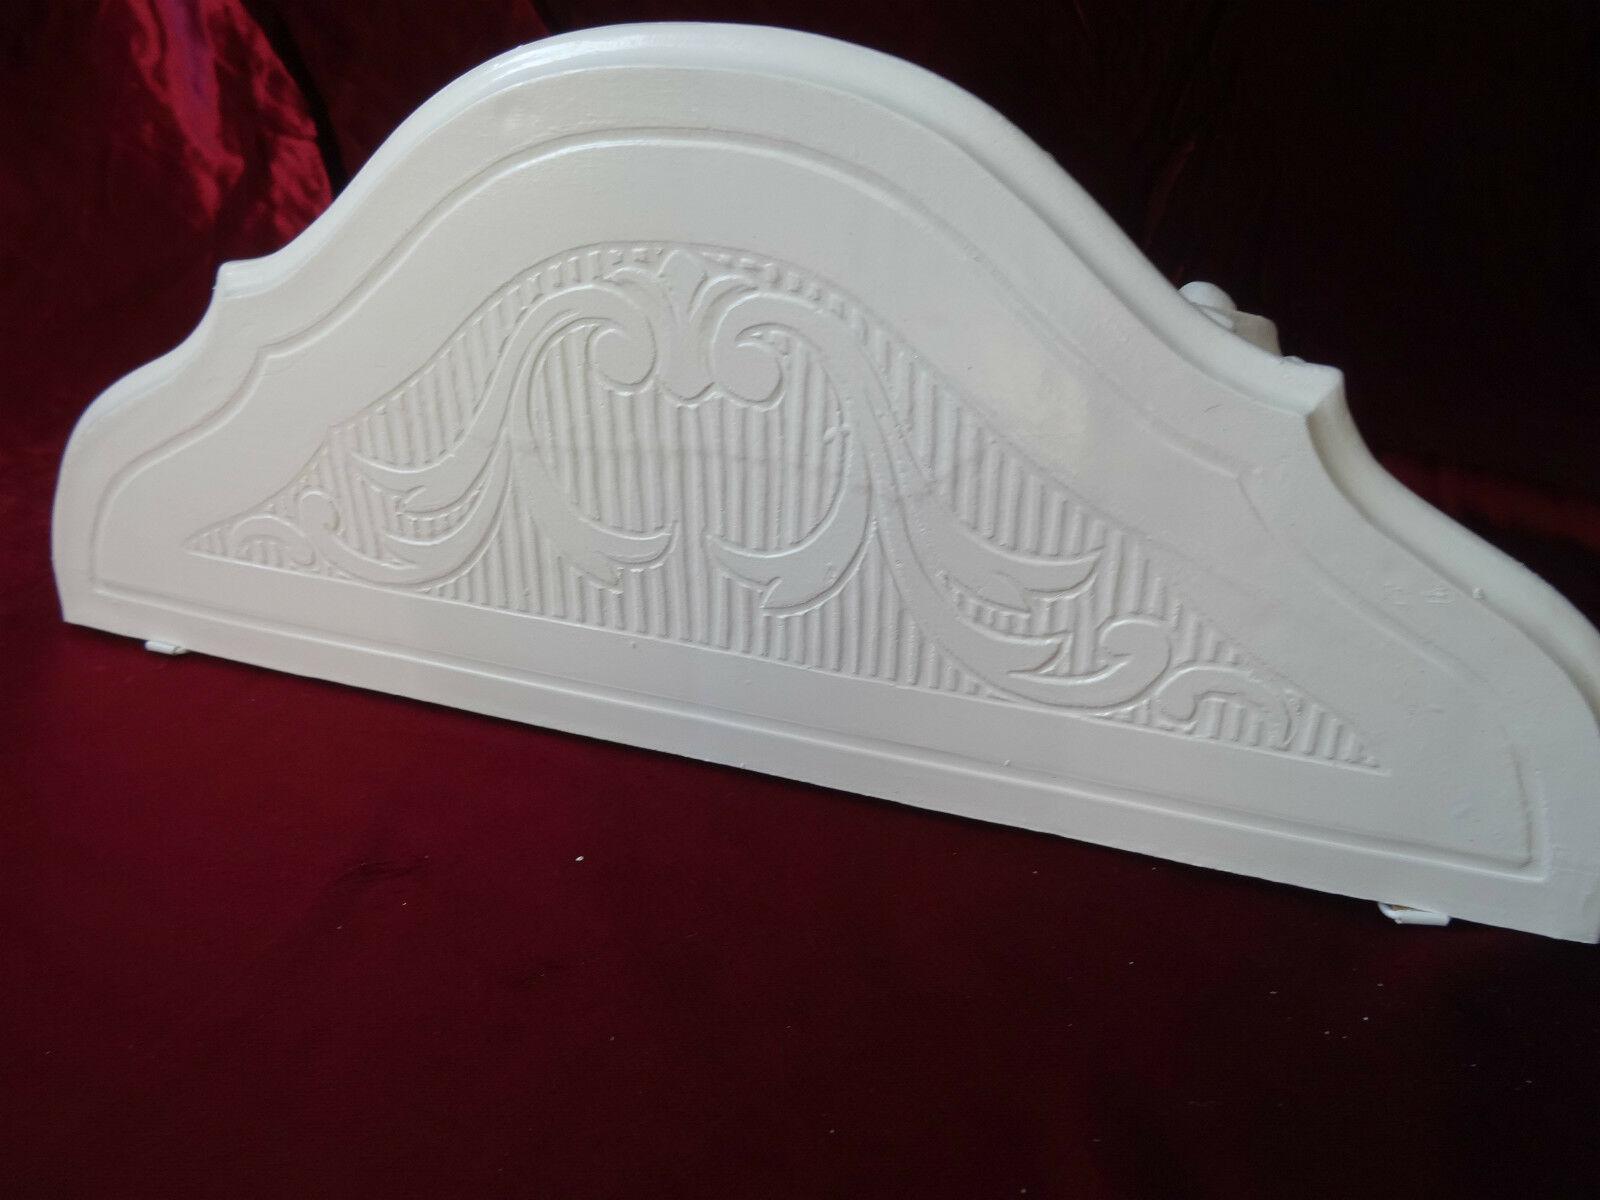 Wandkonsole Weiß Barock Wandspiegelkonsole Antik /Wandregal 38x20 Telefontisch Meble w stylu od 1945 Meble i wyposażenie wnętrz